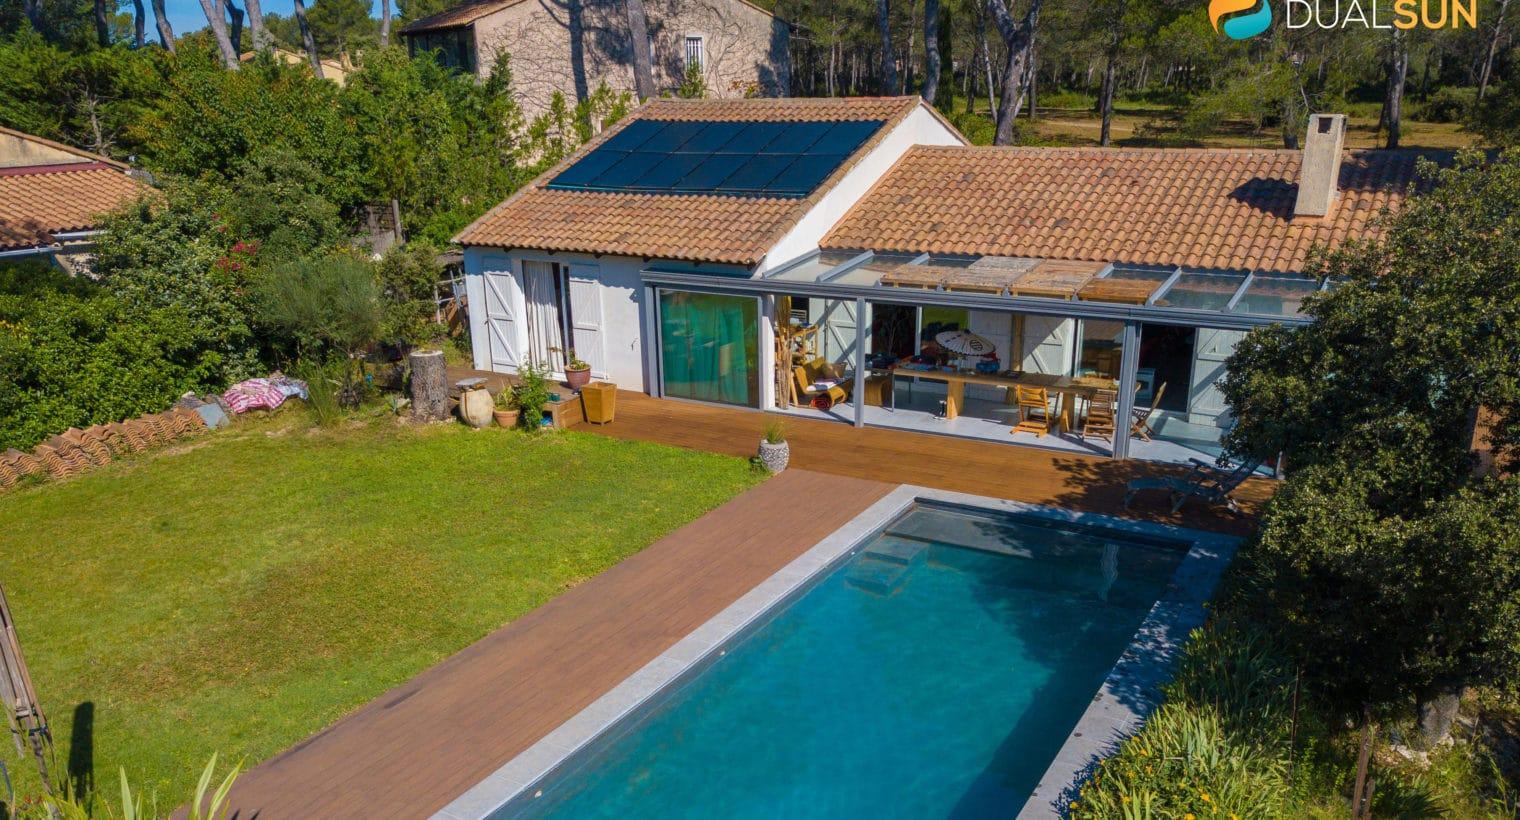 panneaux solaires hybrides, dual sun, pv